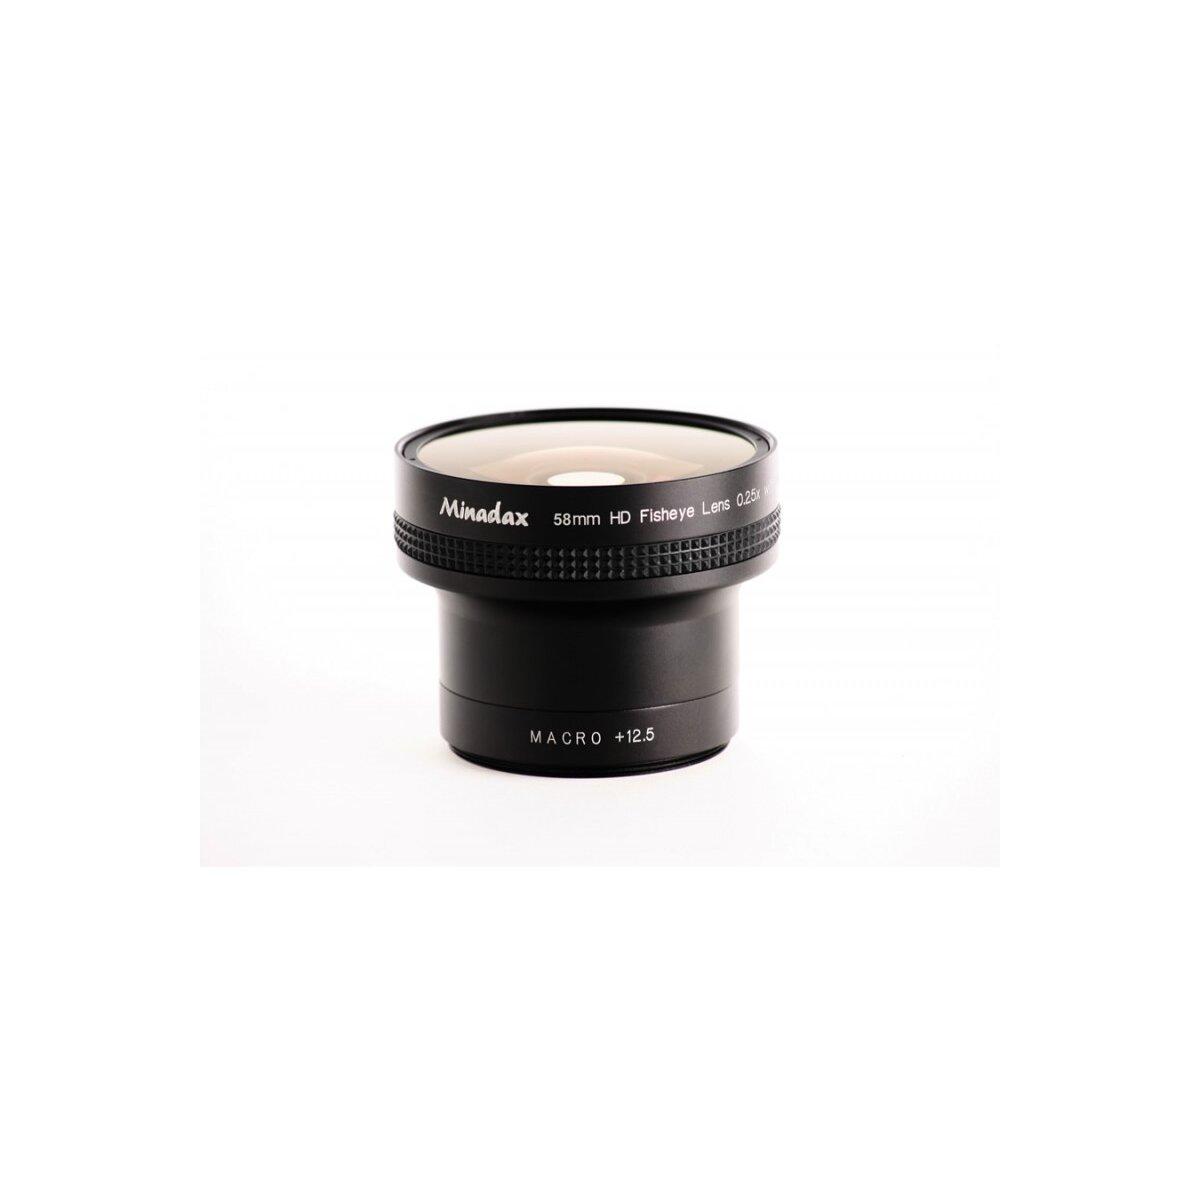 Minadax 0.25x Fisheye Vorsatz kompatibel mit Sony DSC-H7, DSC-H9, DSC-H50 - in schwarz